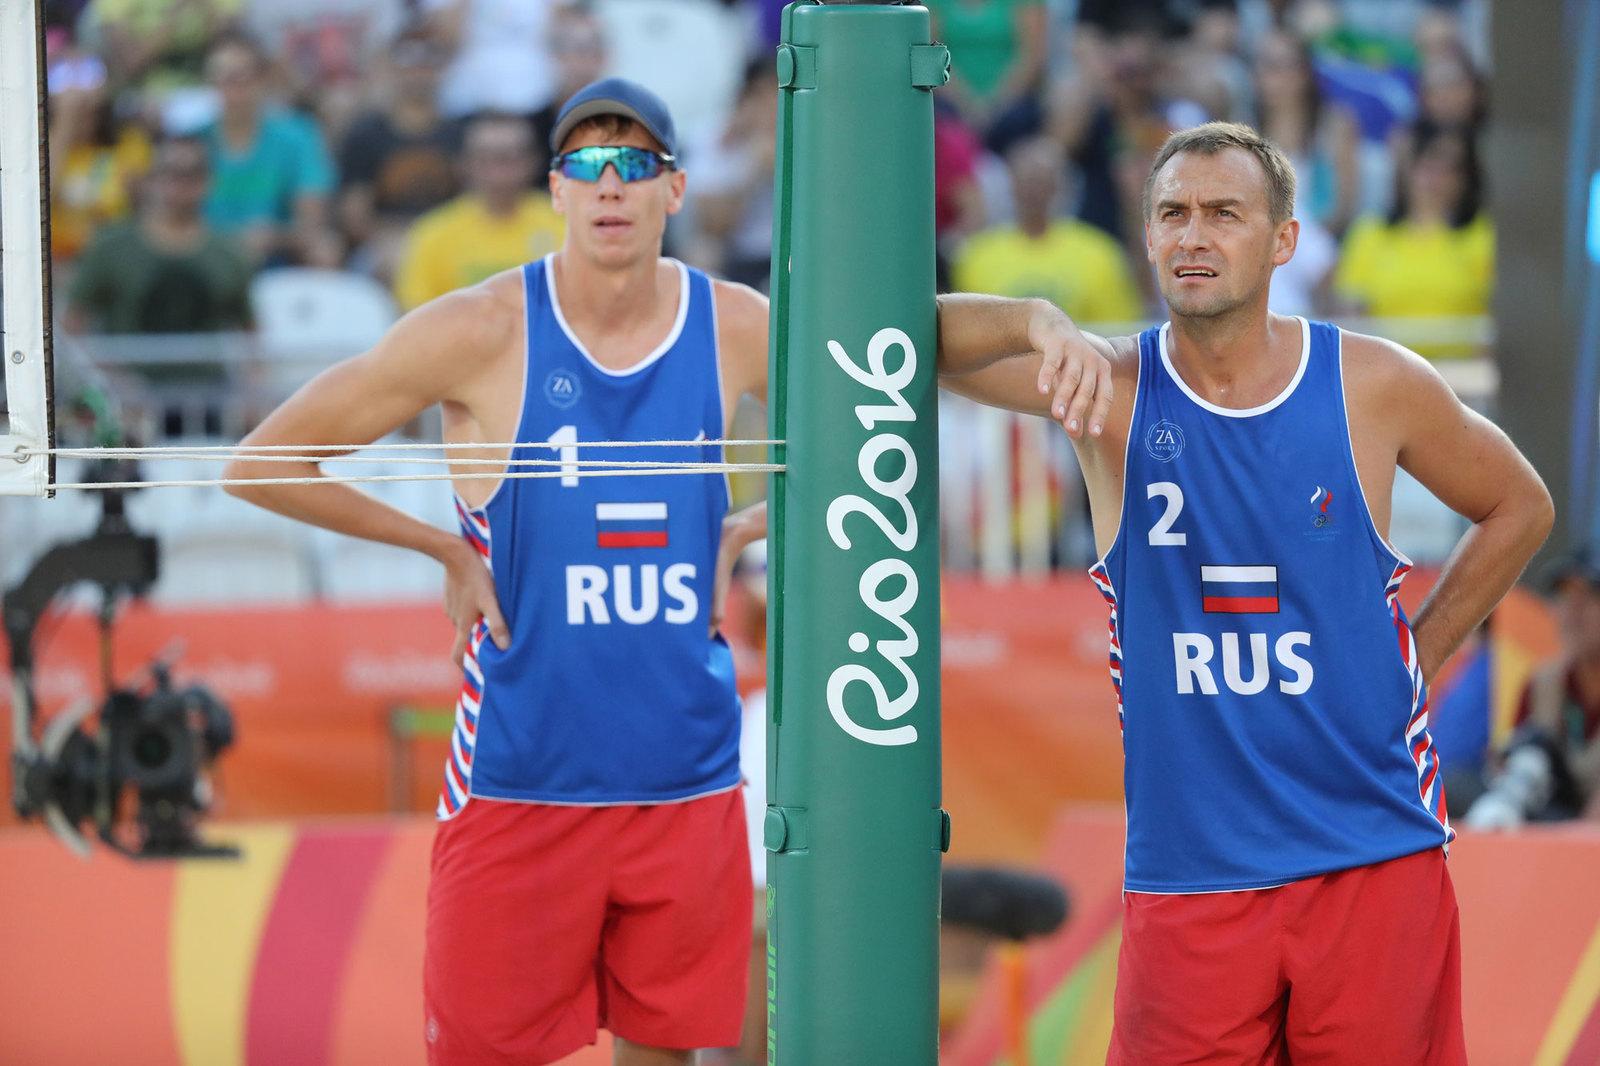 Мужской дуэт Никиты Лямина и Дмитрия Барсука продолжают борьбу за медали в пляжном волейболе